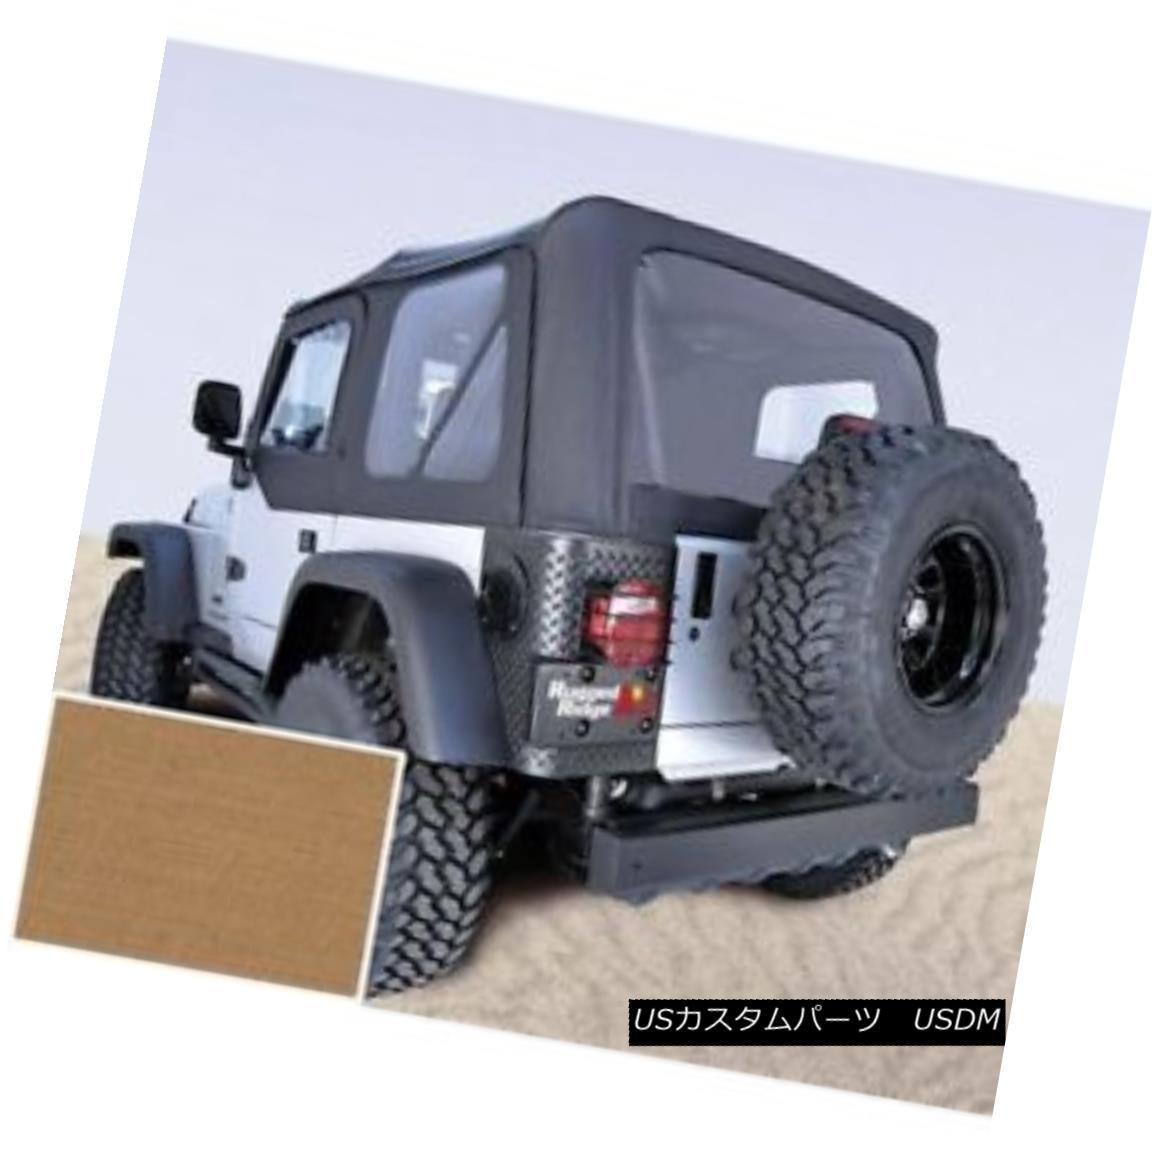 幌・ソフトトップ Rugged Ridge XHD Soft Top, Spice, Tinted Windows; 97-06 Jeep Wrangler TJ Rugged Ridge XHDソフトトップ、スパイス、ティンテッドウィンドウ。 97-06ジープ・ラングラーTJ